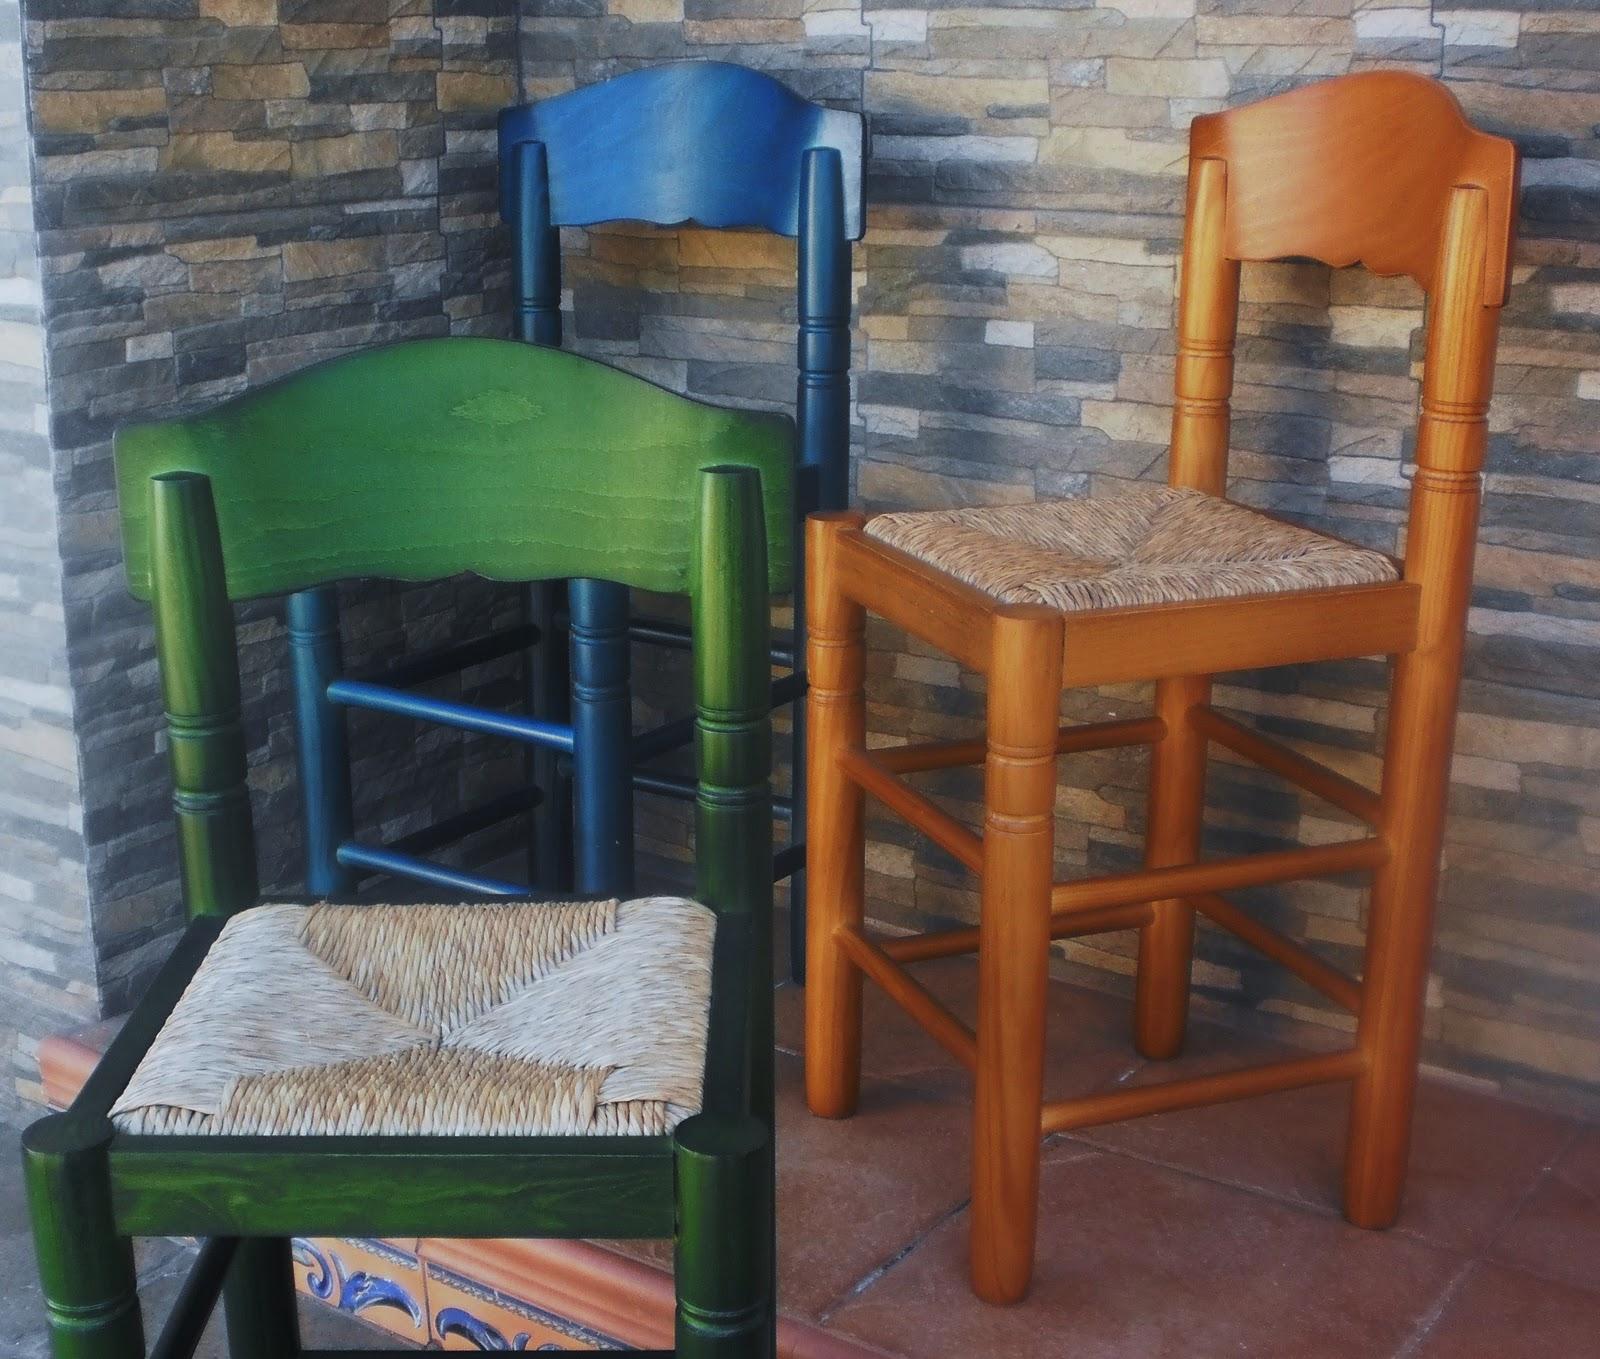 Fabrica de sillas de madera pauli sillas y mesas de for Fabrica de muebles de pino precios